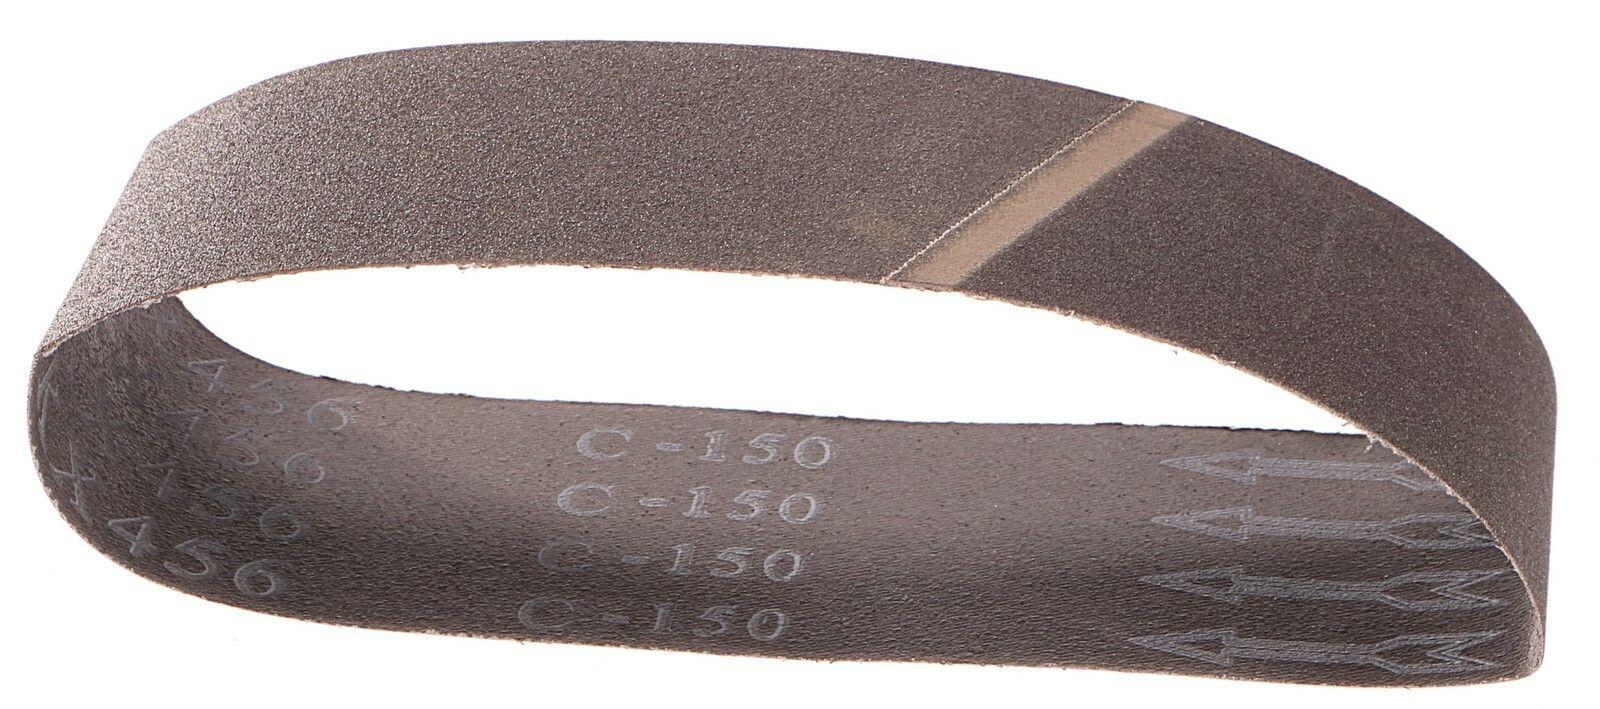 Plátno brusné nekonečný pás, 75x533mm, P150 GEKO